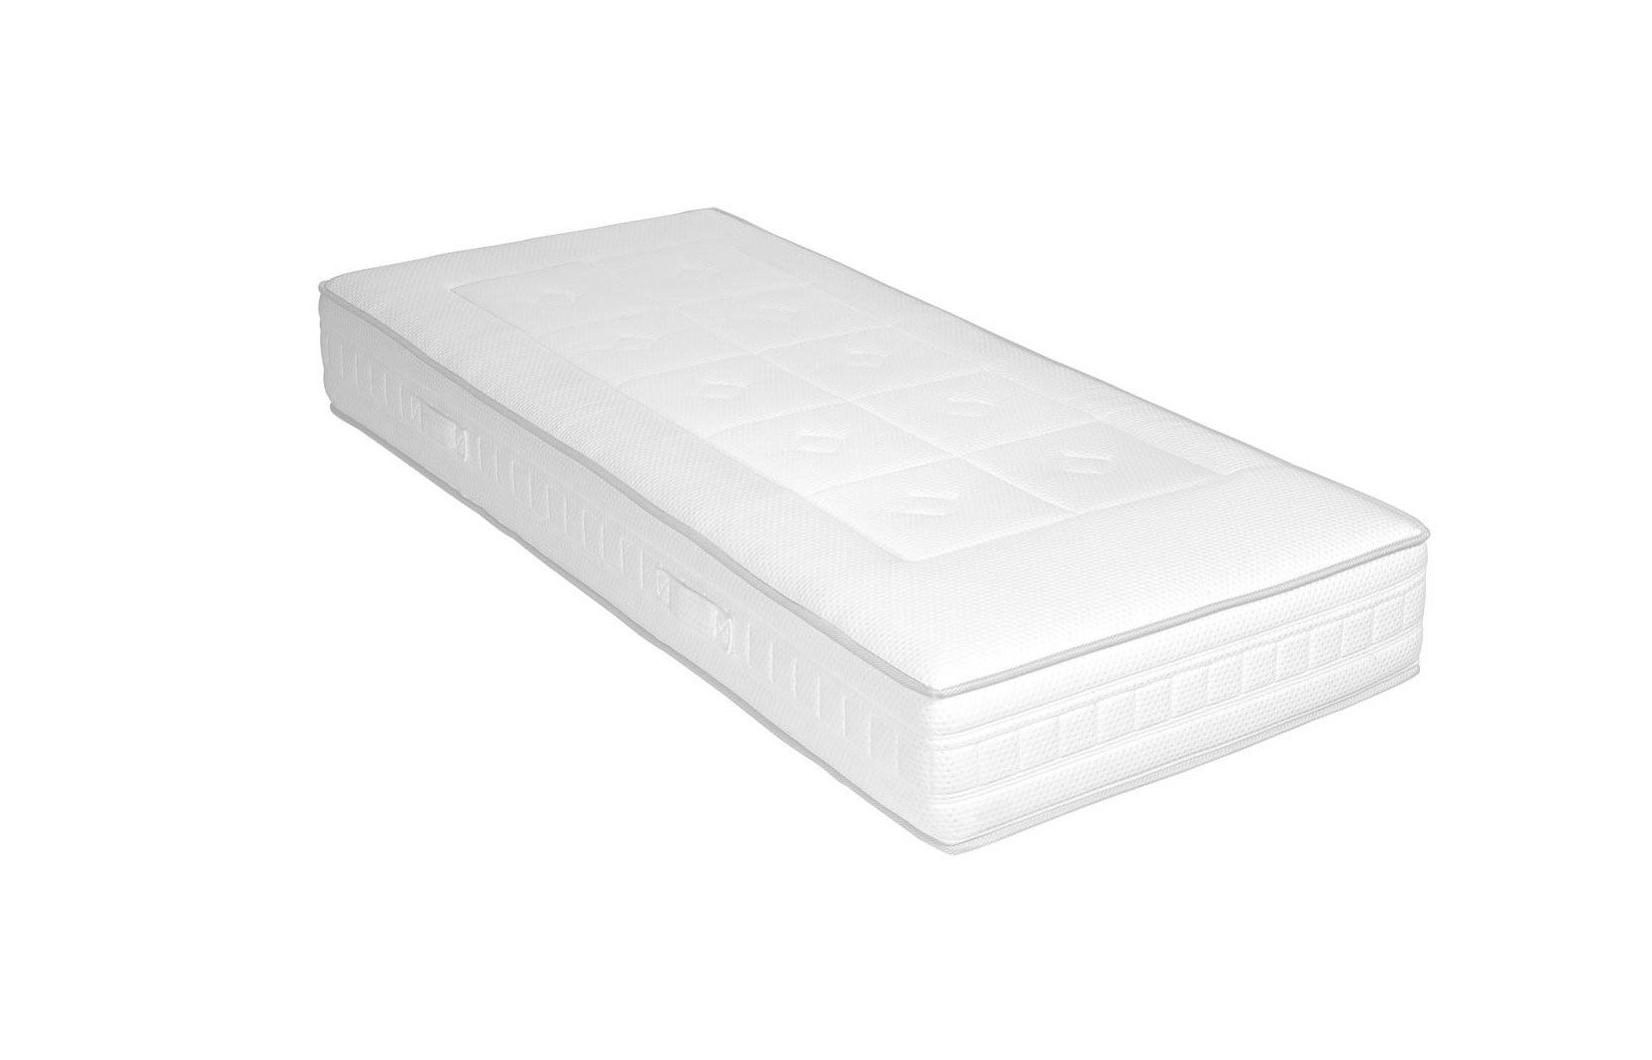 Matras Natuurlijke Materialen : Matrassen kopen optimaal slaapcomfort slaaphof harderwijk!